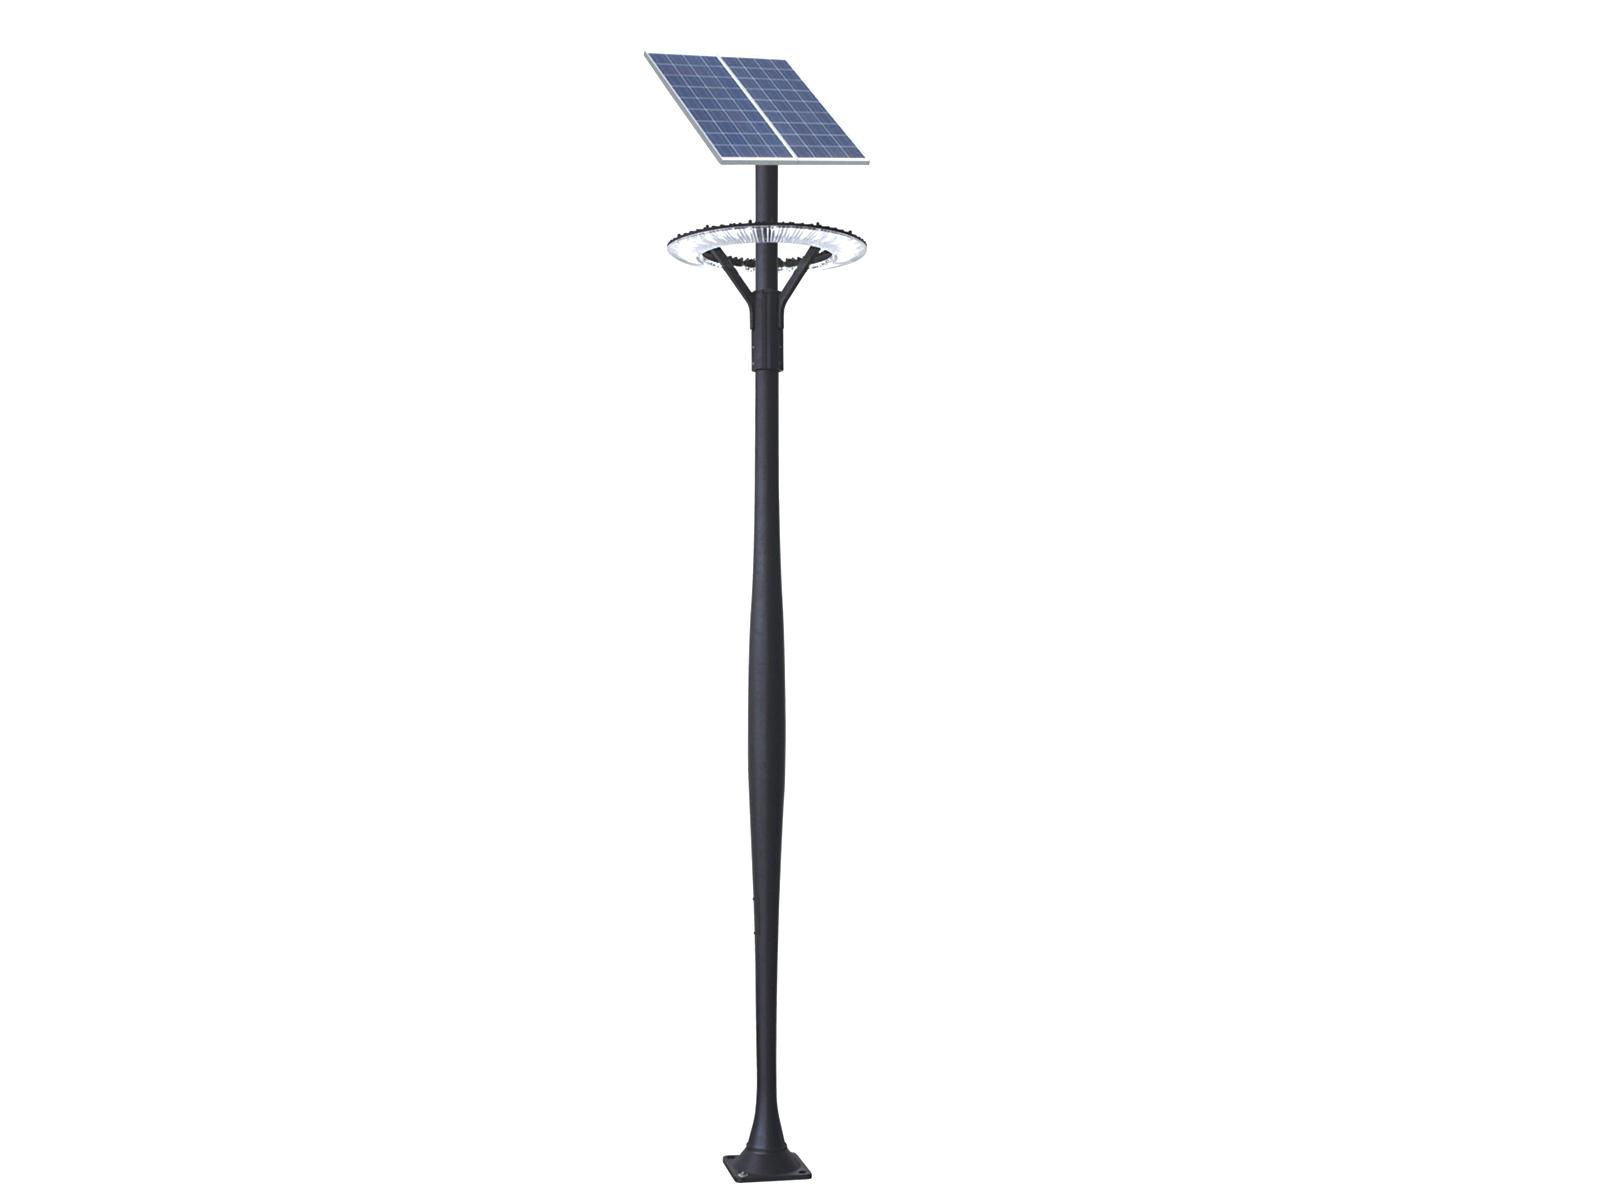 led太阳能庭院灯_太阳能庭院灯生产厂家_太阳能庭院灯报价